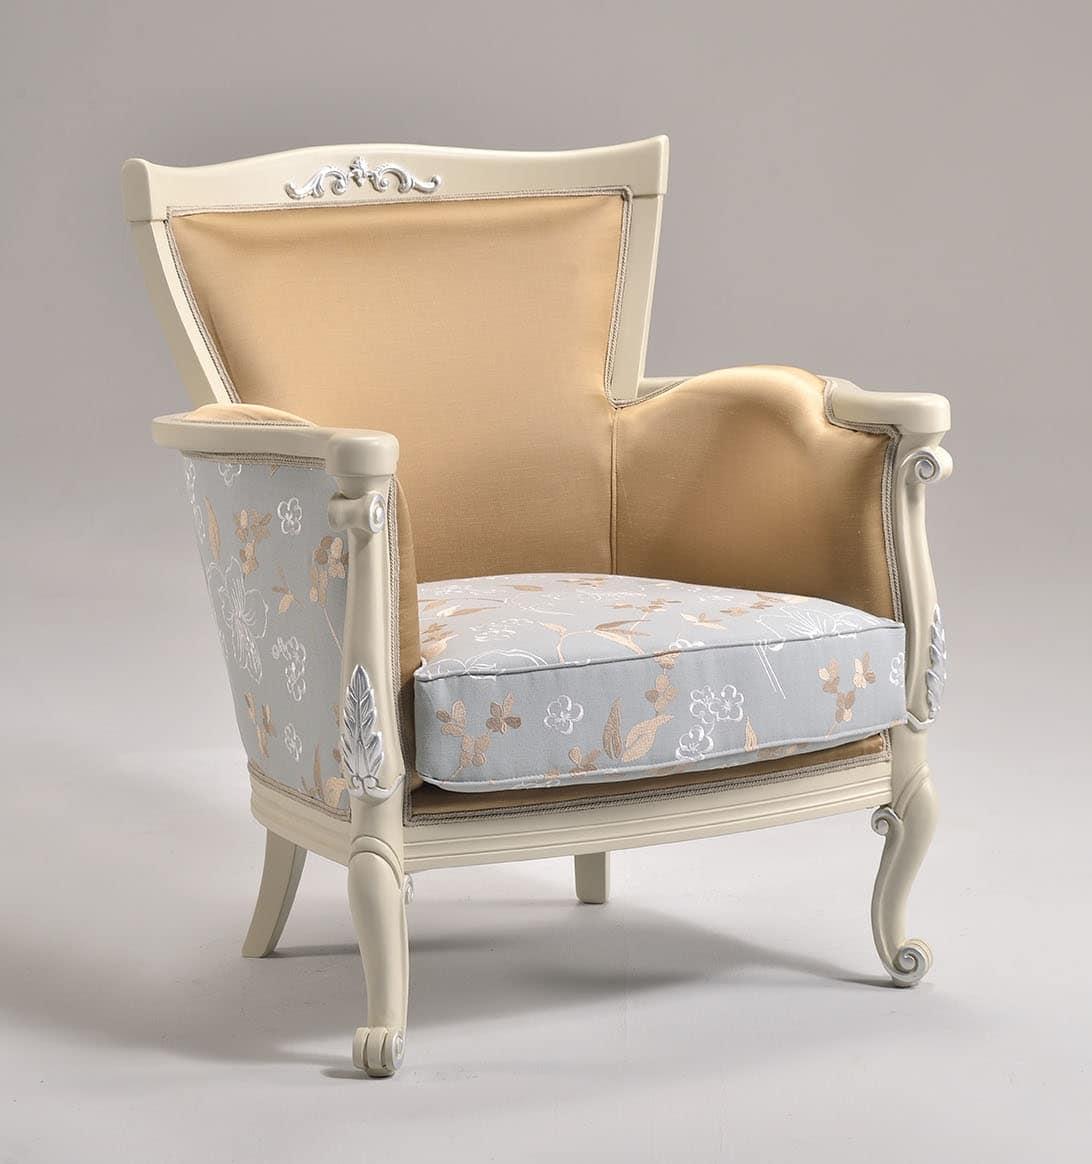 sofas polstersitze sessel klassische stil klassische stil. Black Bedroom Furniture Sets. Home Design Ideas